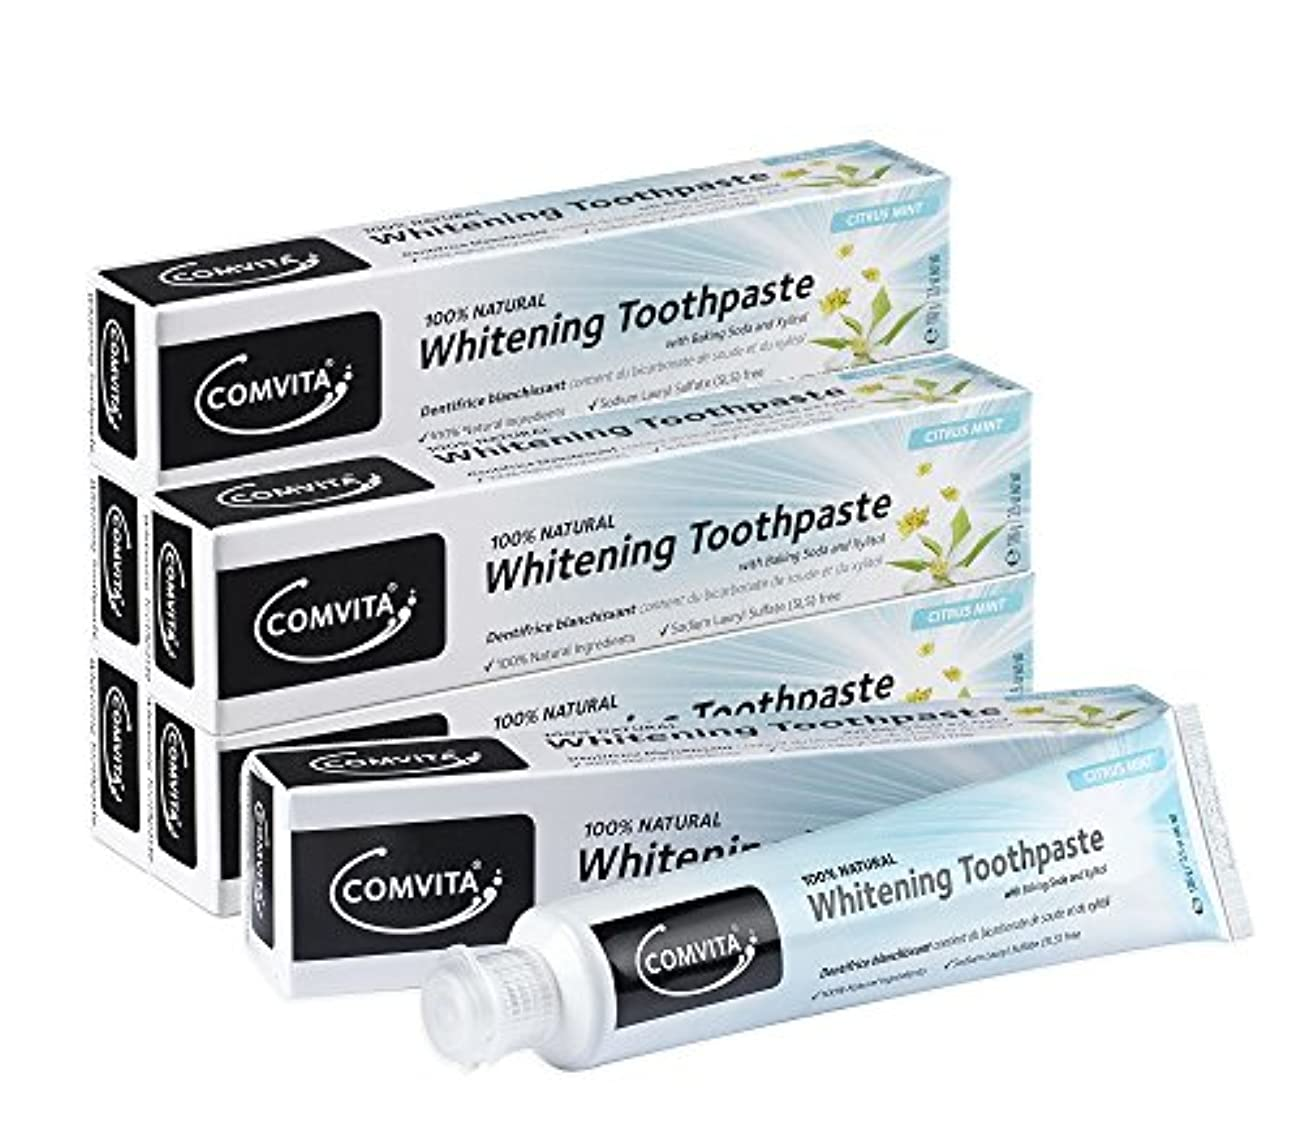 キャロライン配当打撃ホワイトニング歯磨き コンビタ 100g お得な6本セット whitening toothpaste